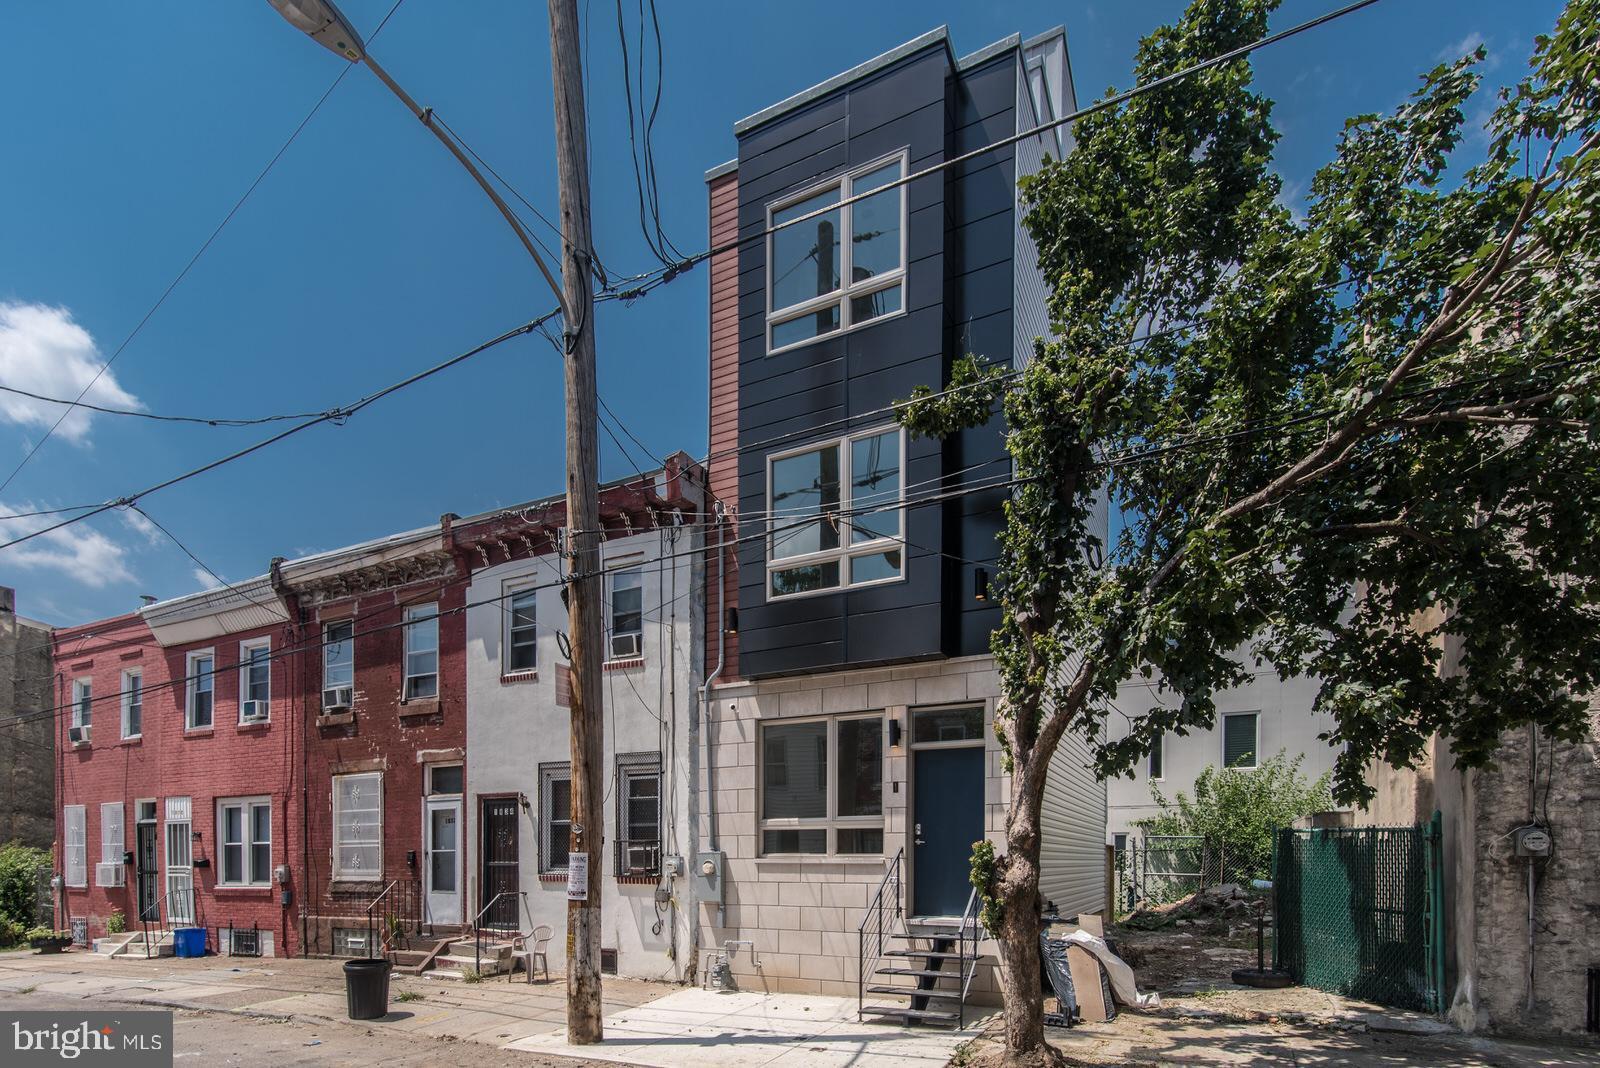 1836 N MARSHALL STREET, PHILADELPHIA, PA 19122